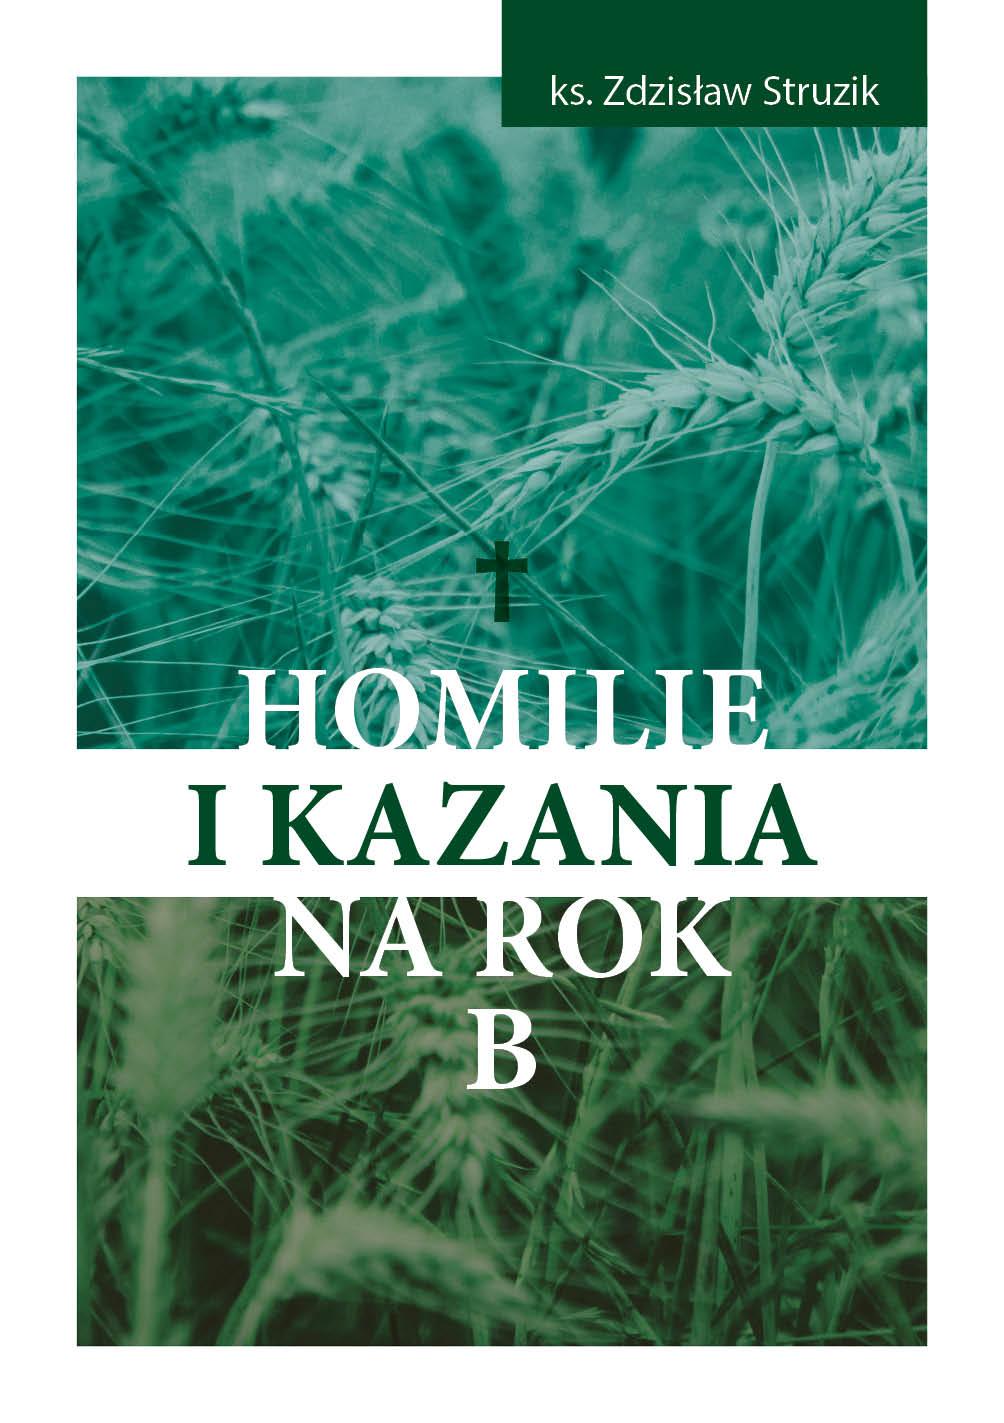 Ks. Zdzisław Struzik, Homilie ikazania narok B, Instytut Papieża Jana Pawła II, Warszawa 2021